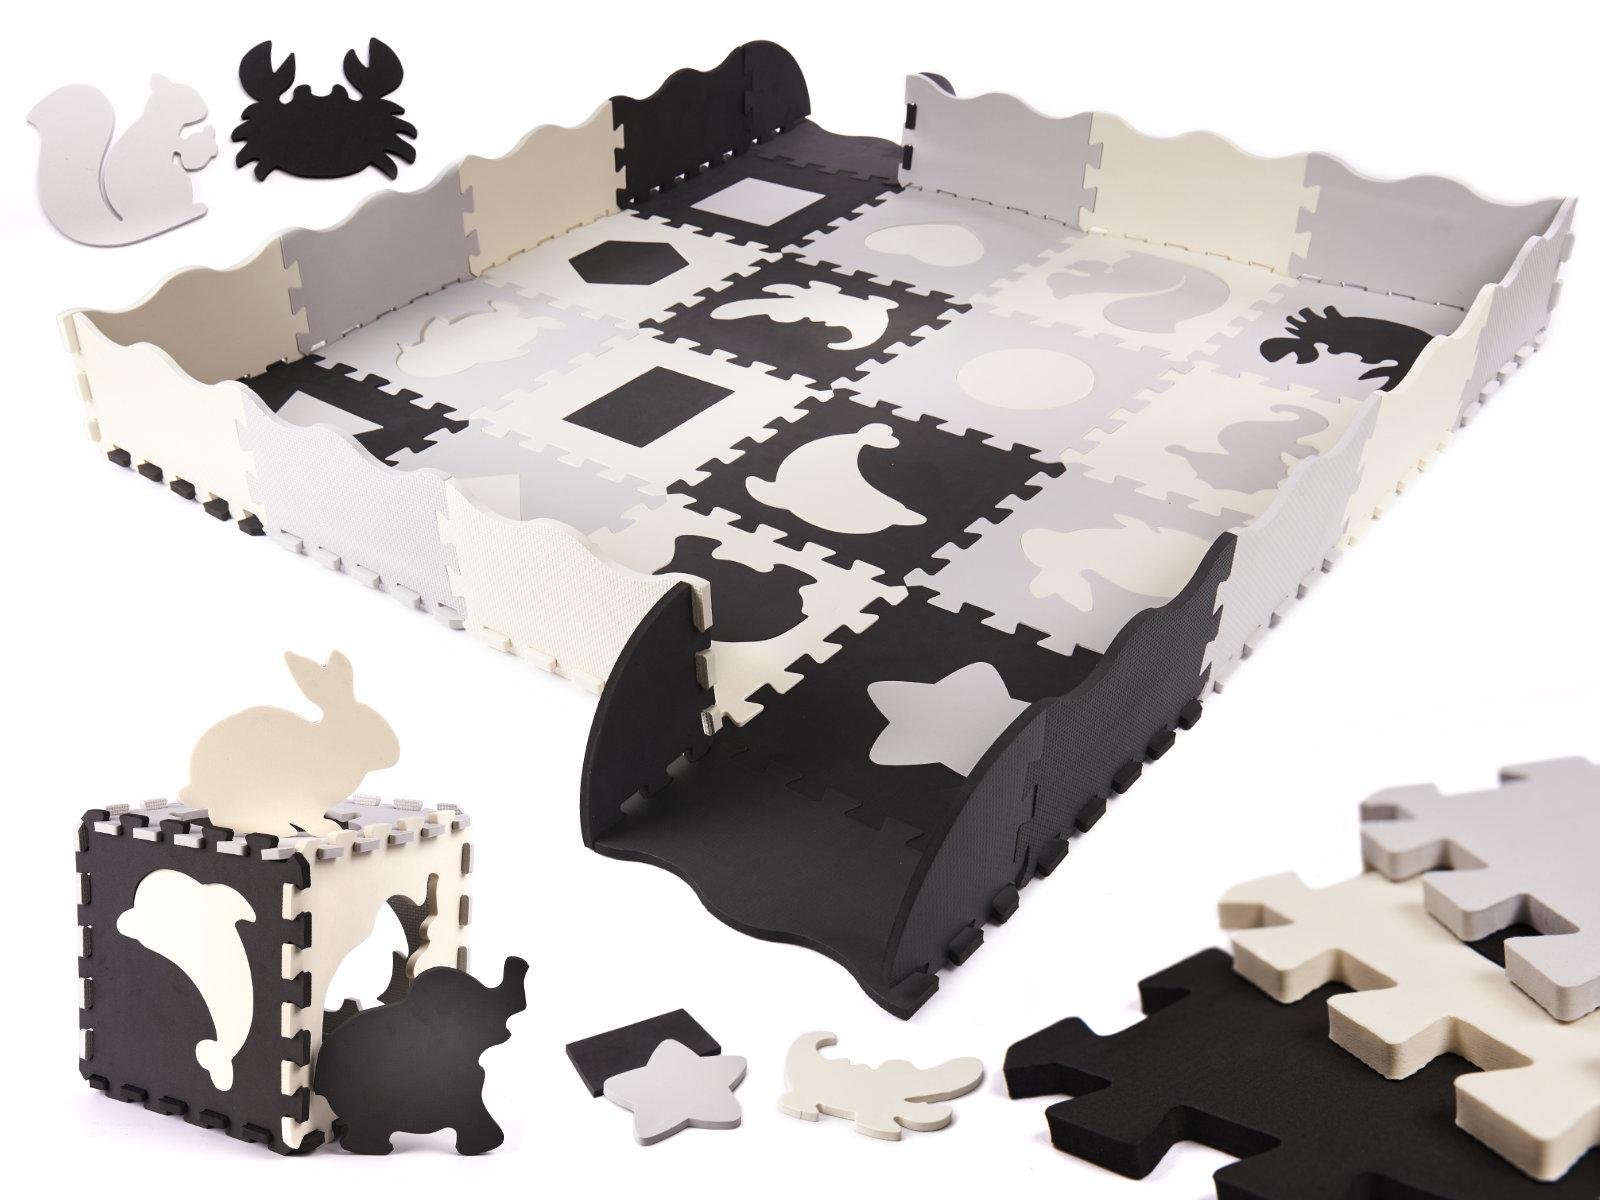 Pěnové puzzle pro děti černá a bílá - 36ks